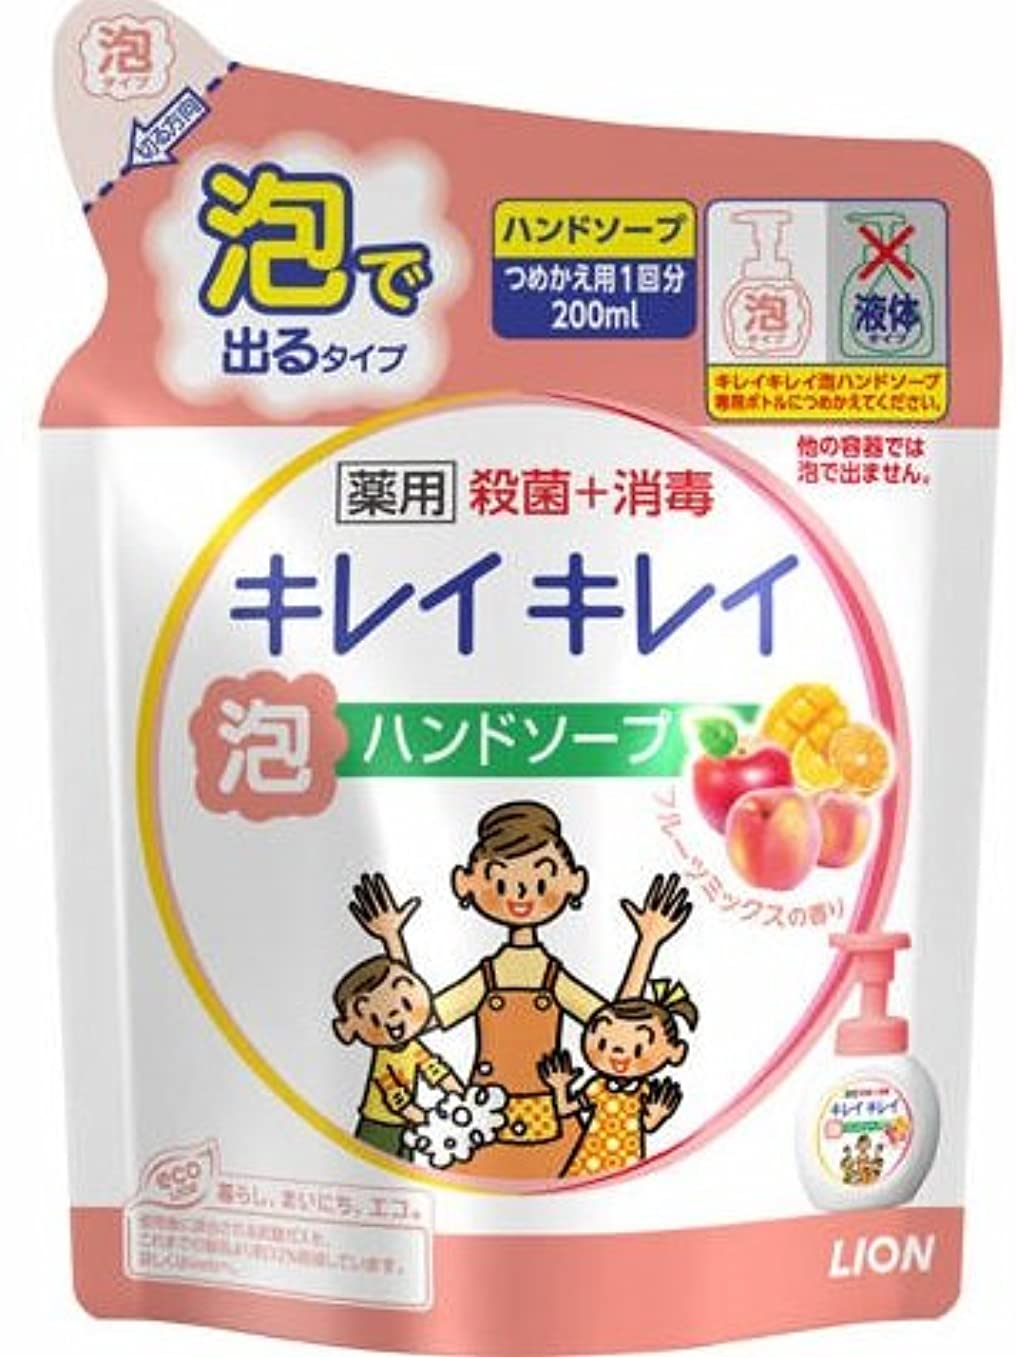 補体その冷蔵するキレイキレイ 薬用泡ハンドソープ フルーツミックスの香り つめかえ用 通常サイズ 200ml ×10個セット